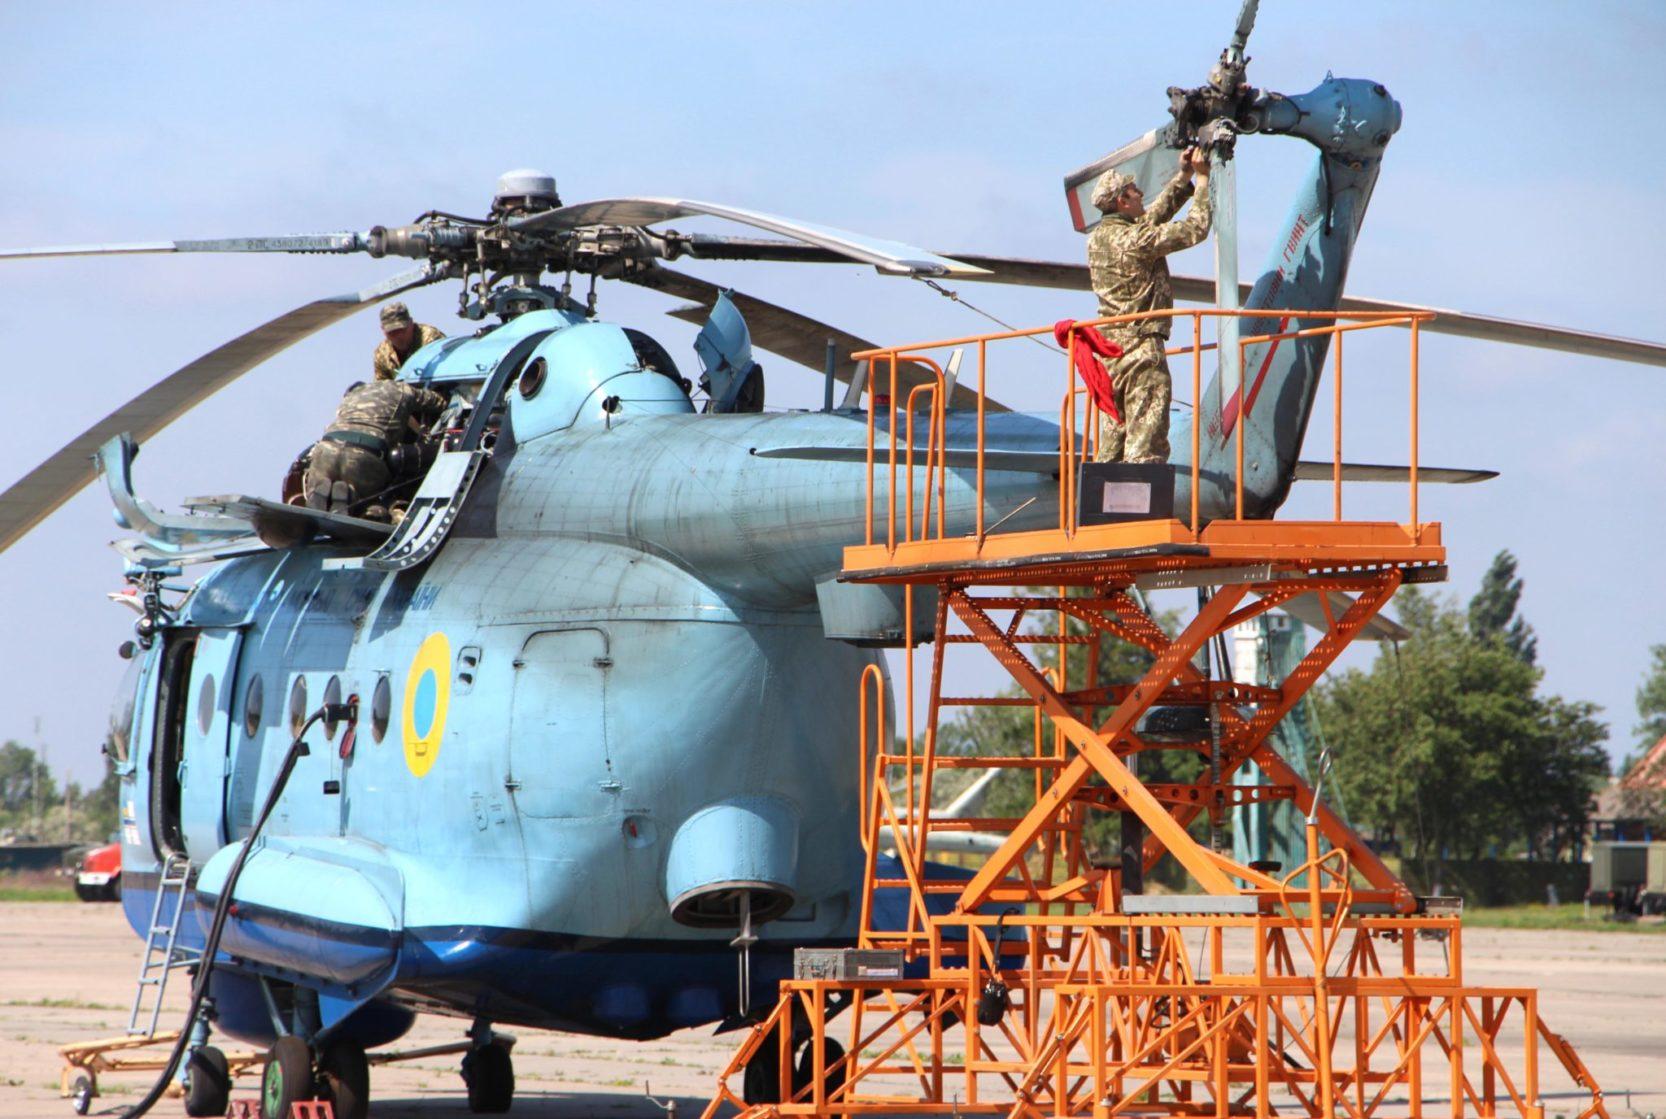 Як морські вертолітники вчилися приземлятися на непідготовлені злітно-посадкові майданчики